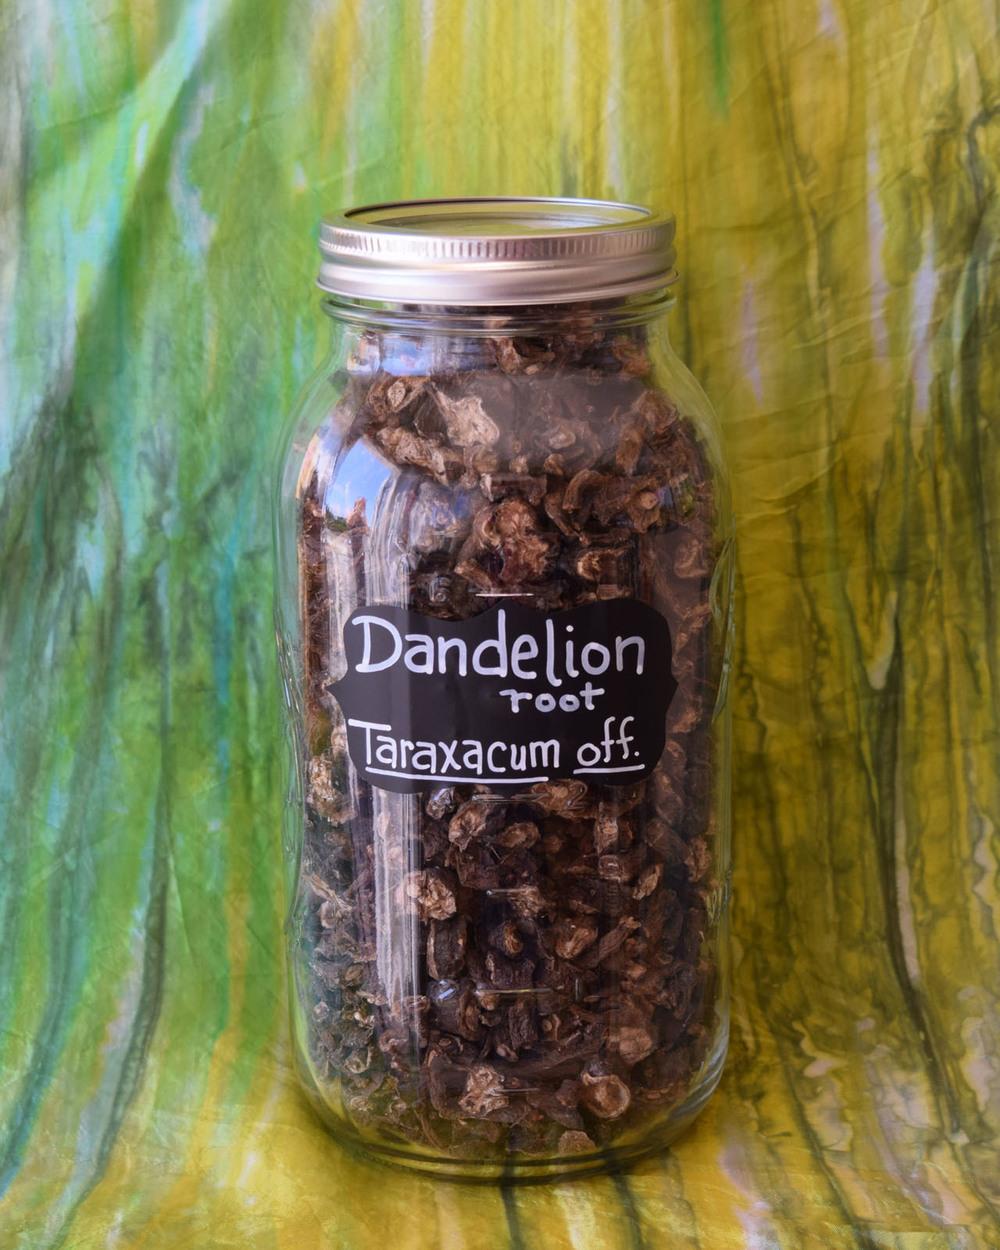 Dandelion root**